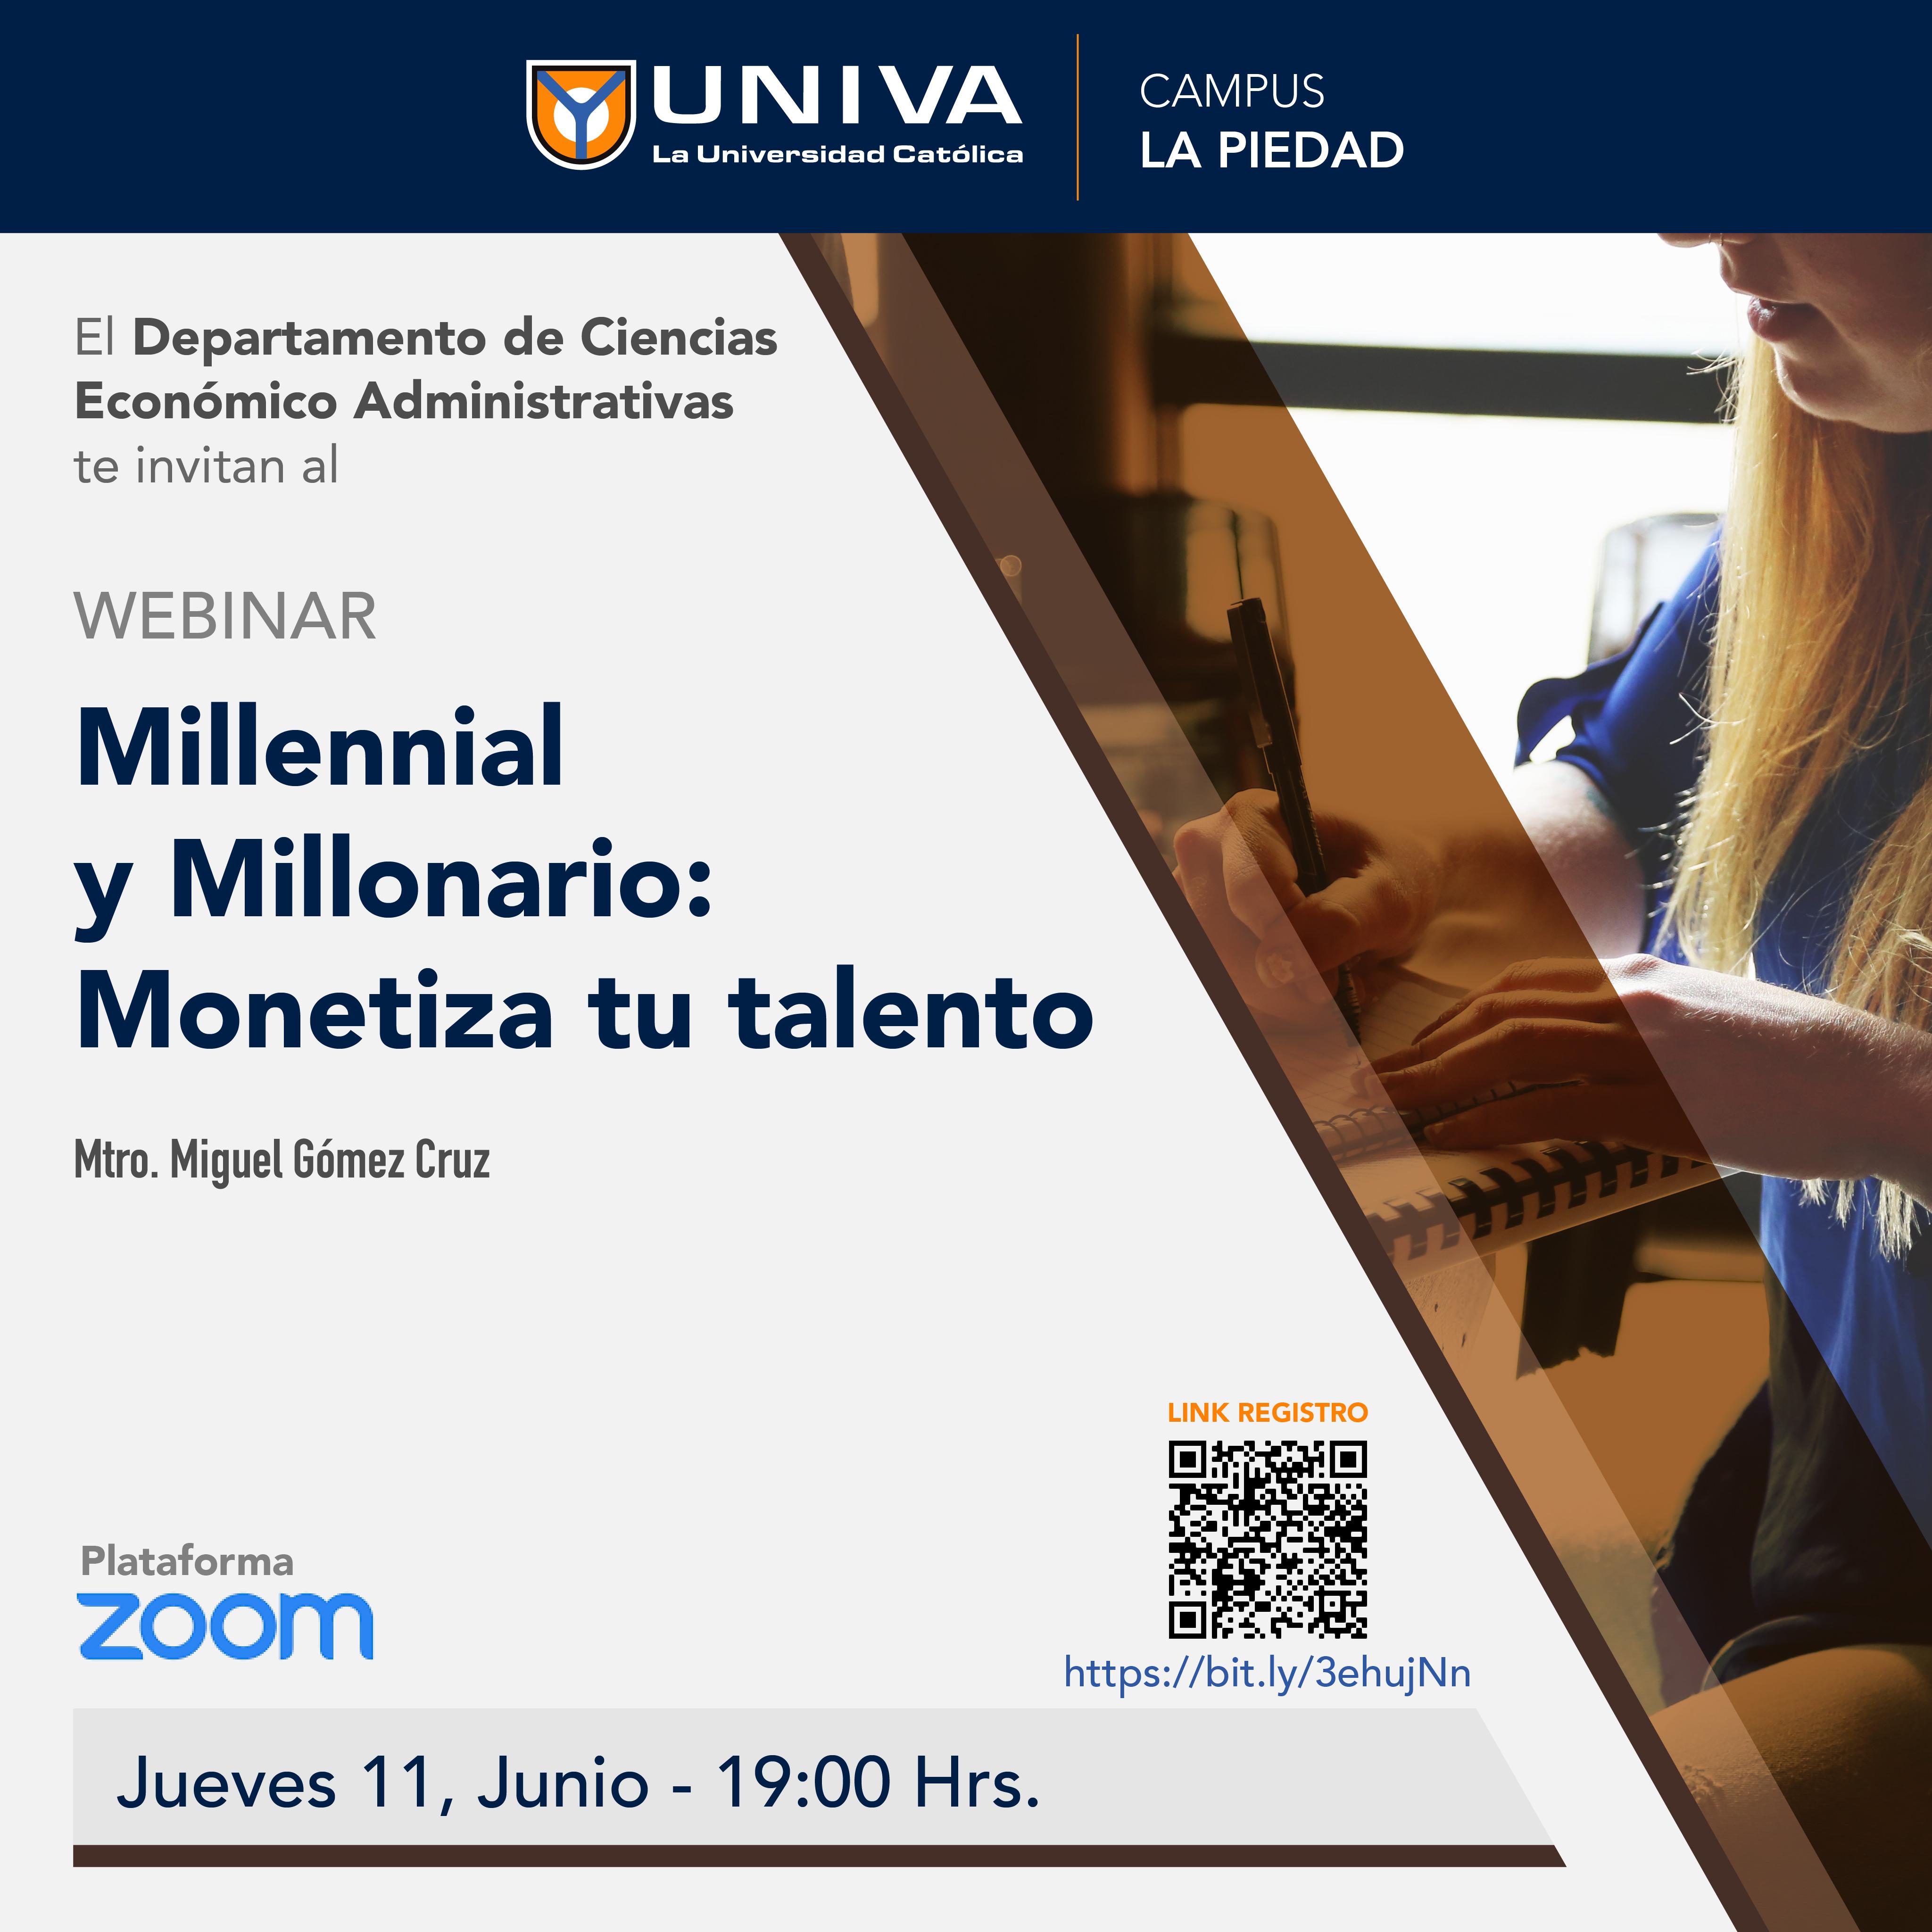 Webinar: Millenial y Millonario: Monetiza tu talento